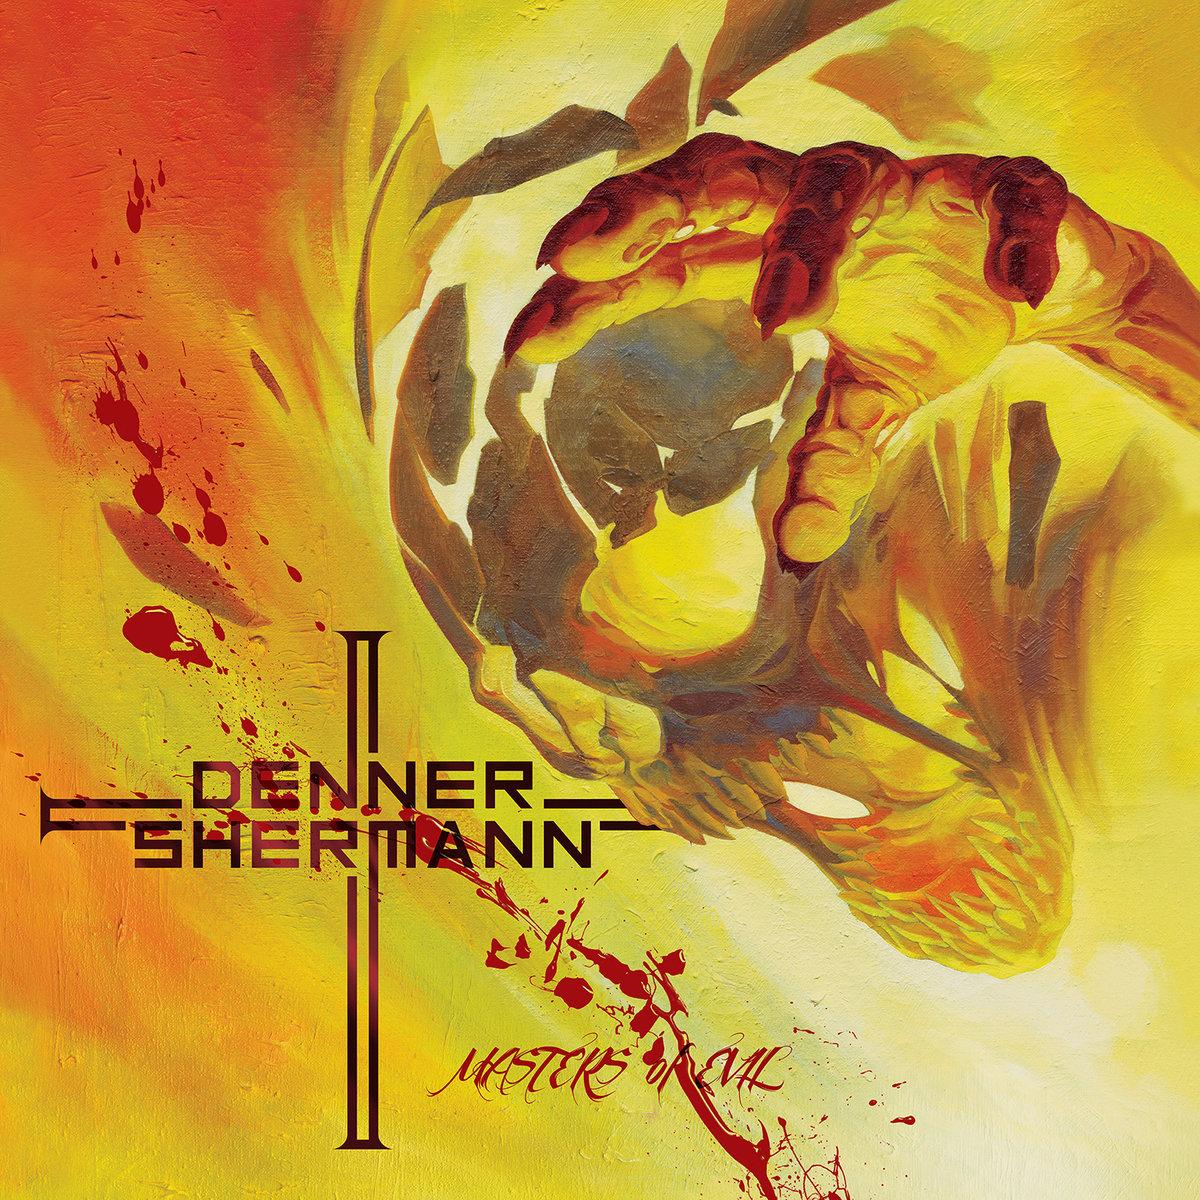 denner shermann-masters of evil